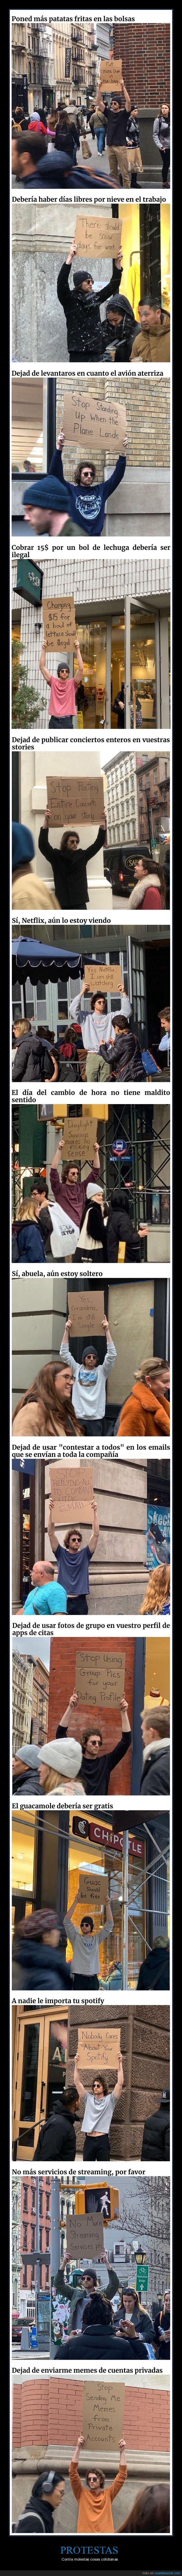 carteles,molestias,protesta